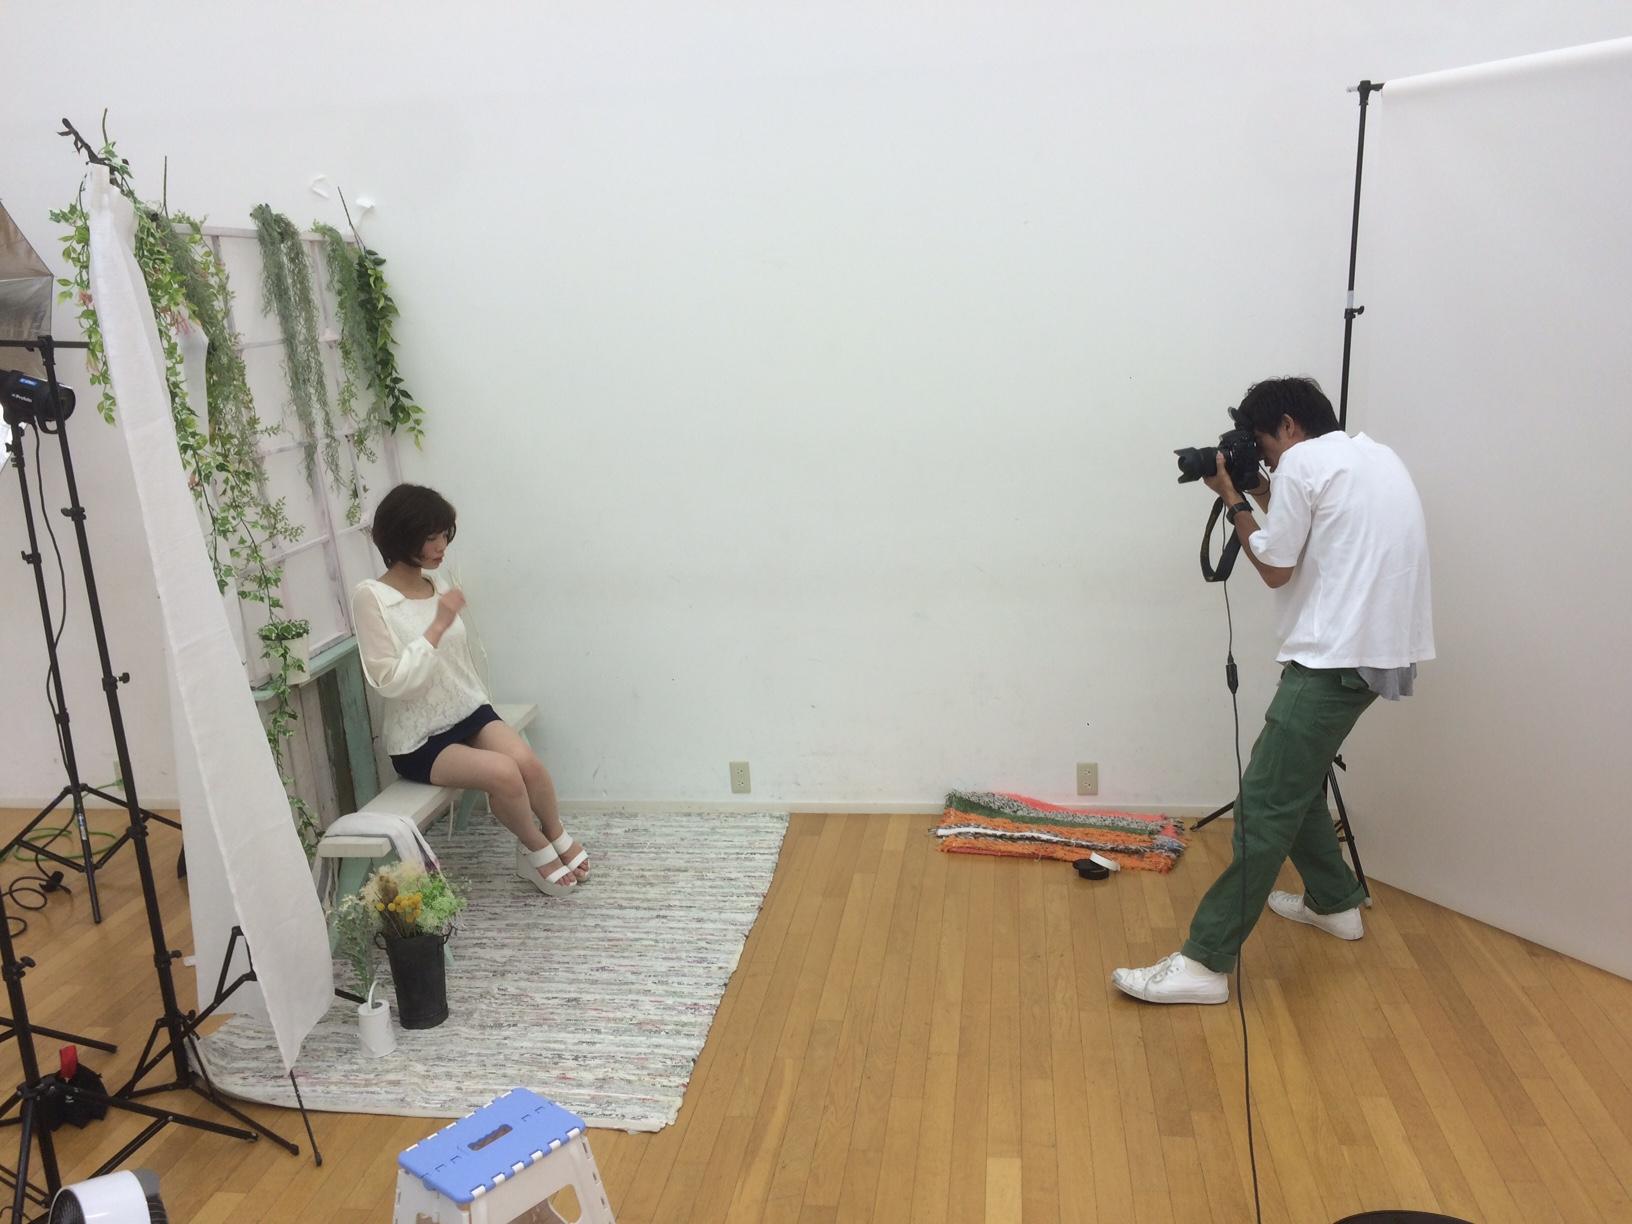 美容室『hair make Blume(ブルーム)』さんの取組み紹介!第2弾!!『サロン見学と撮影会体験』